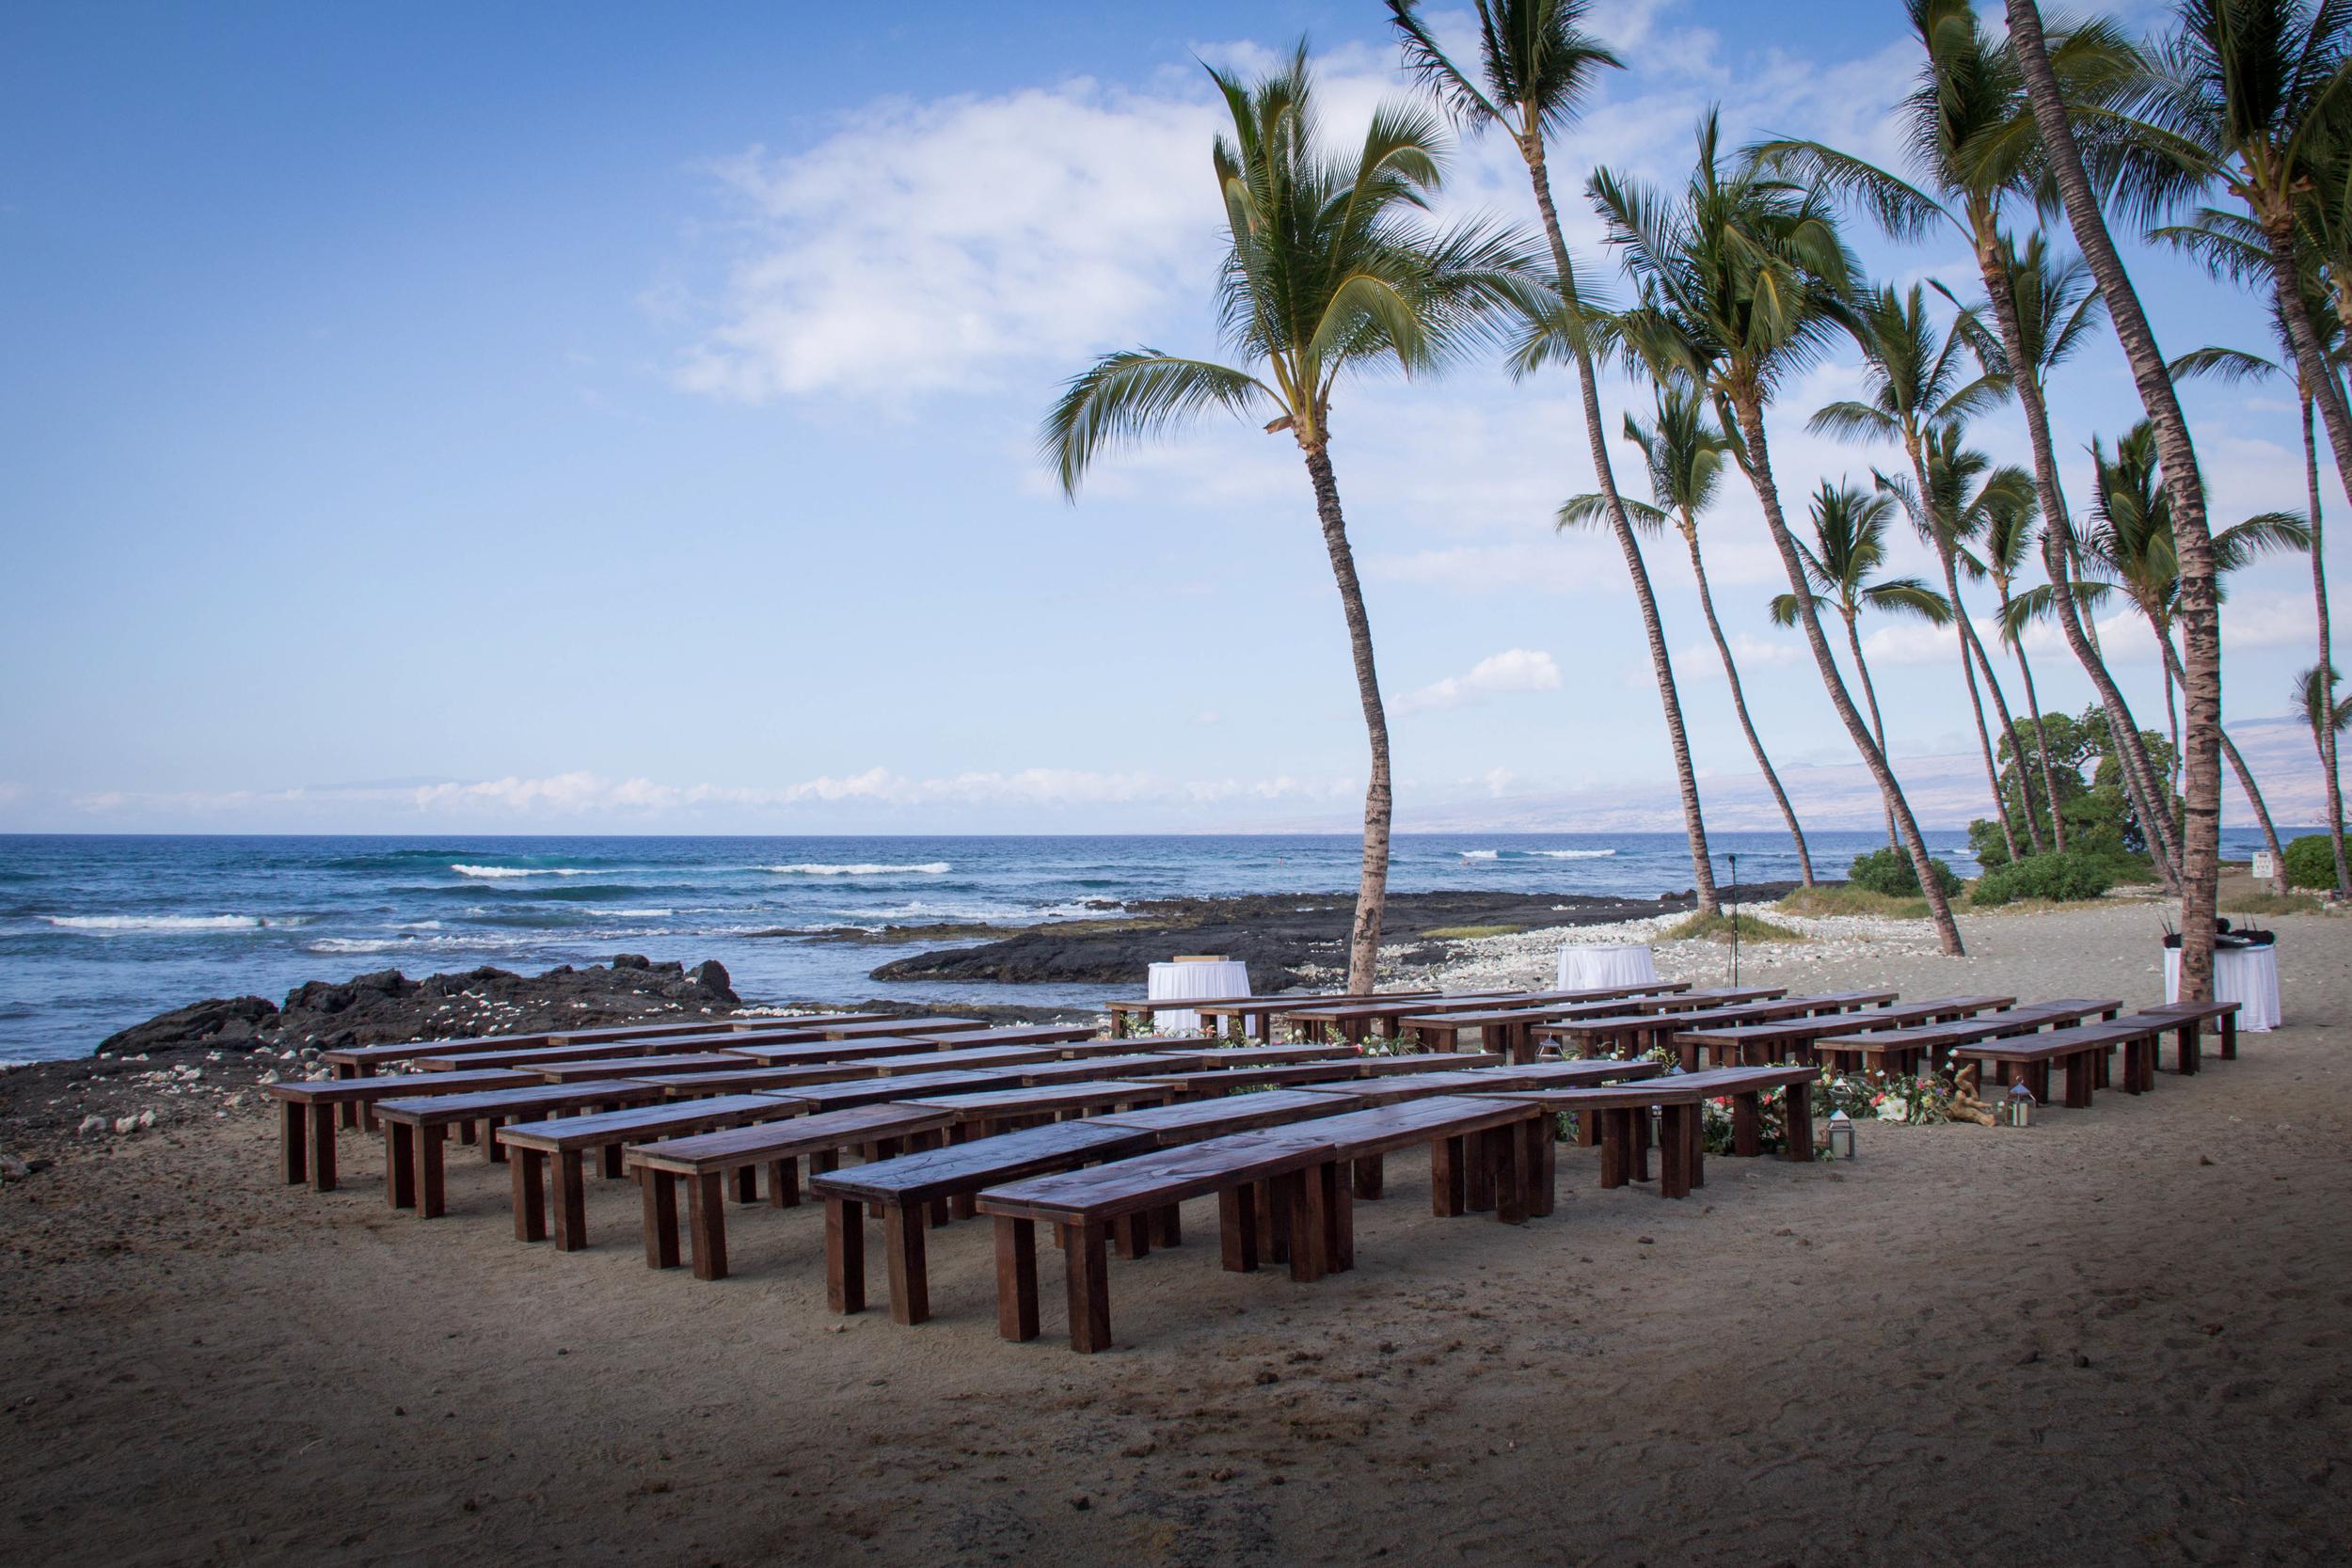 big island hawaii mauna lani resort wedding © kelilina photography 20160131151814-1.jpg